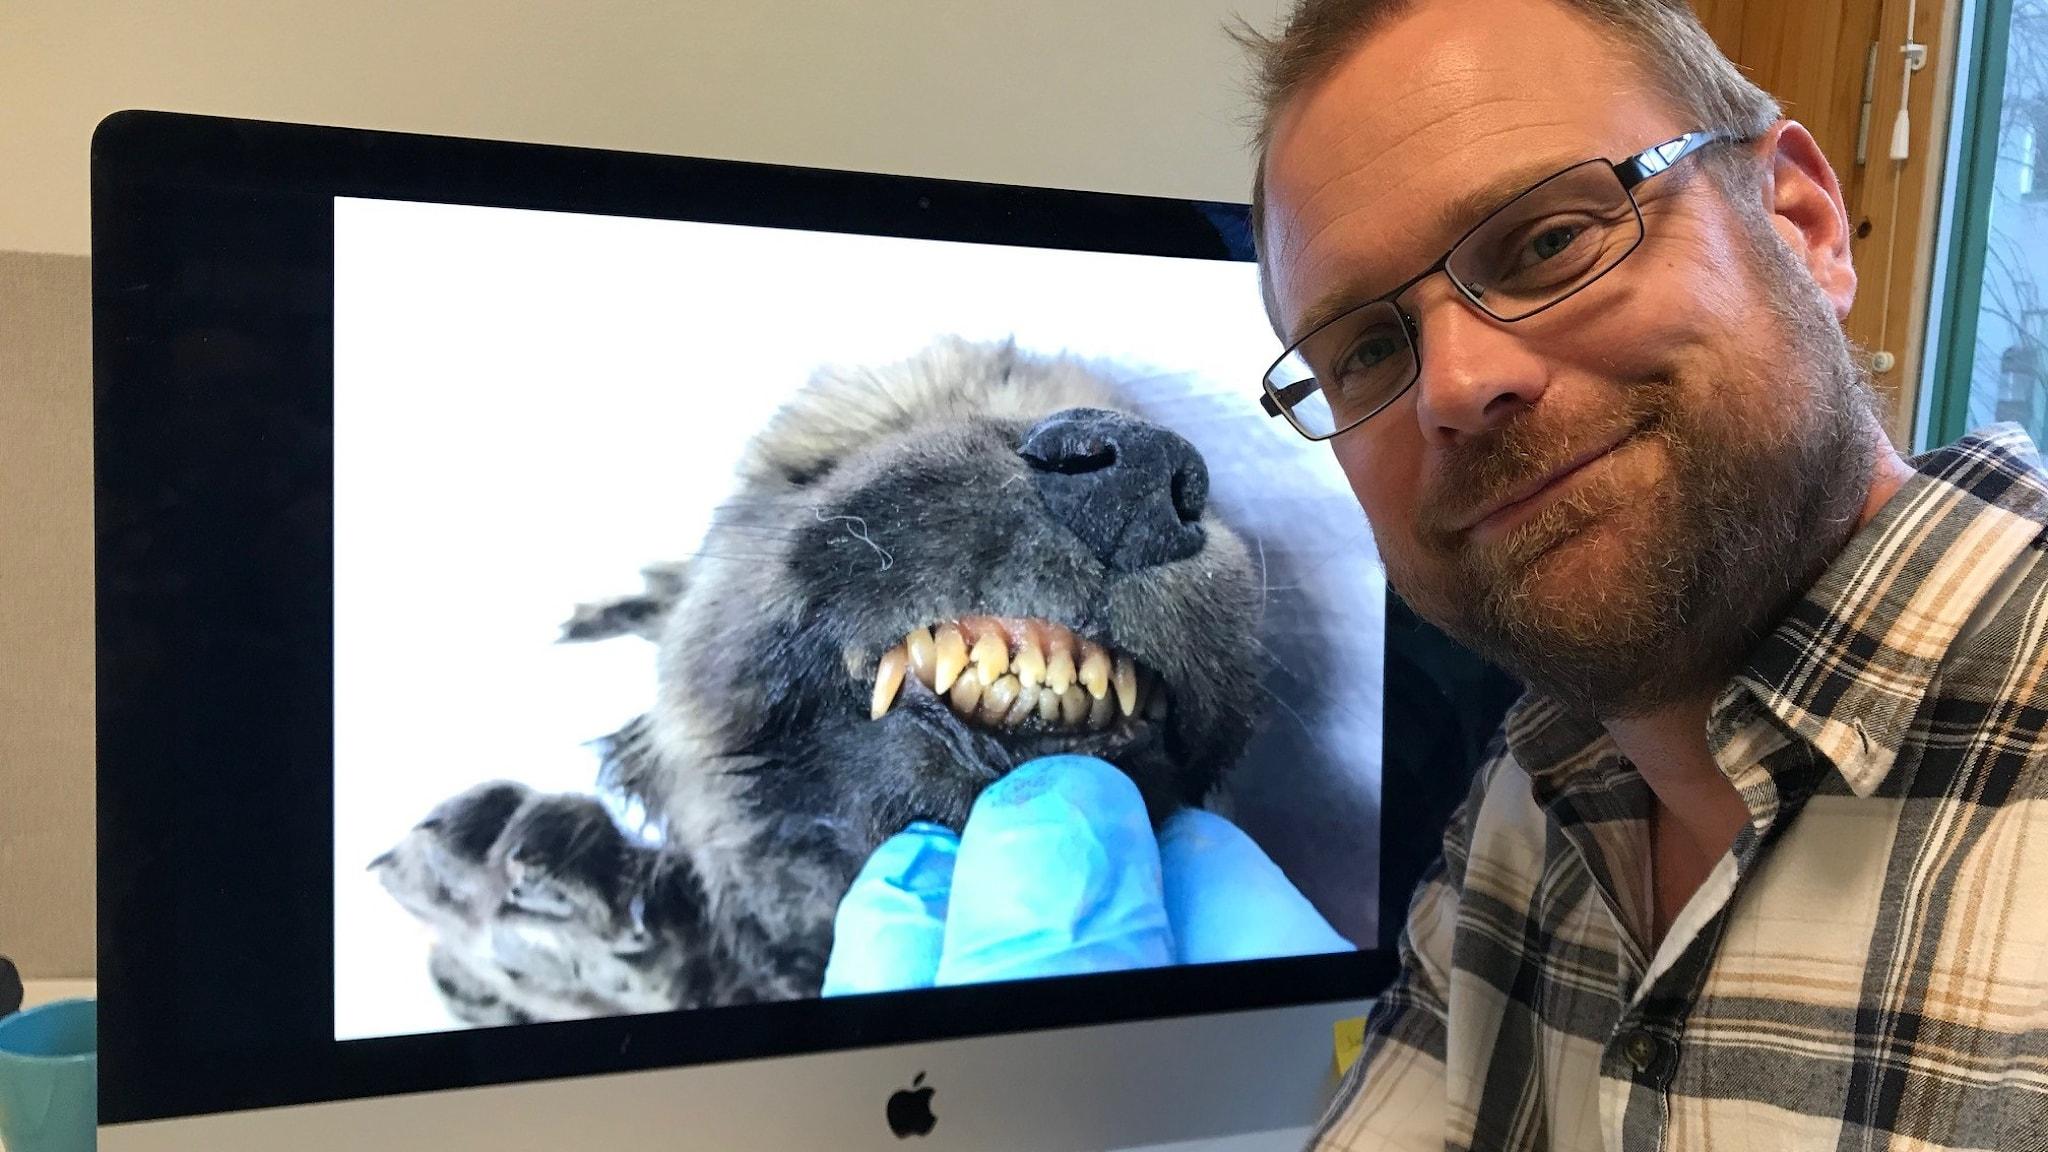 Love Dalén framför bildskärm där man ser bild av den luddiga valpen med grinet, intakta tänder och helt rosa tandkött.